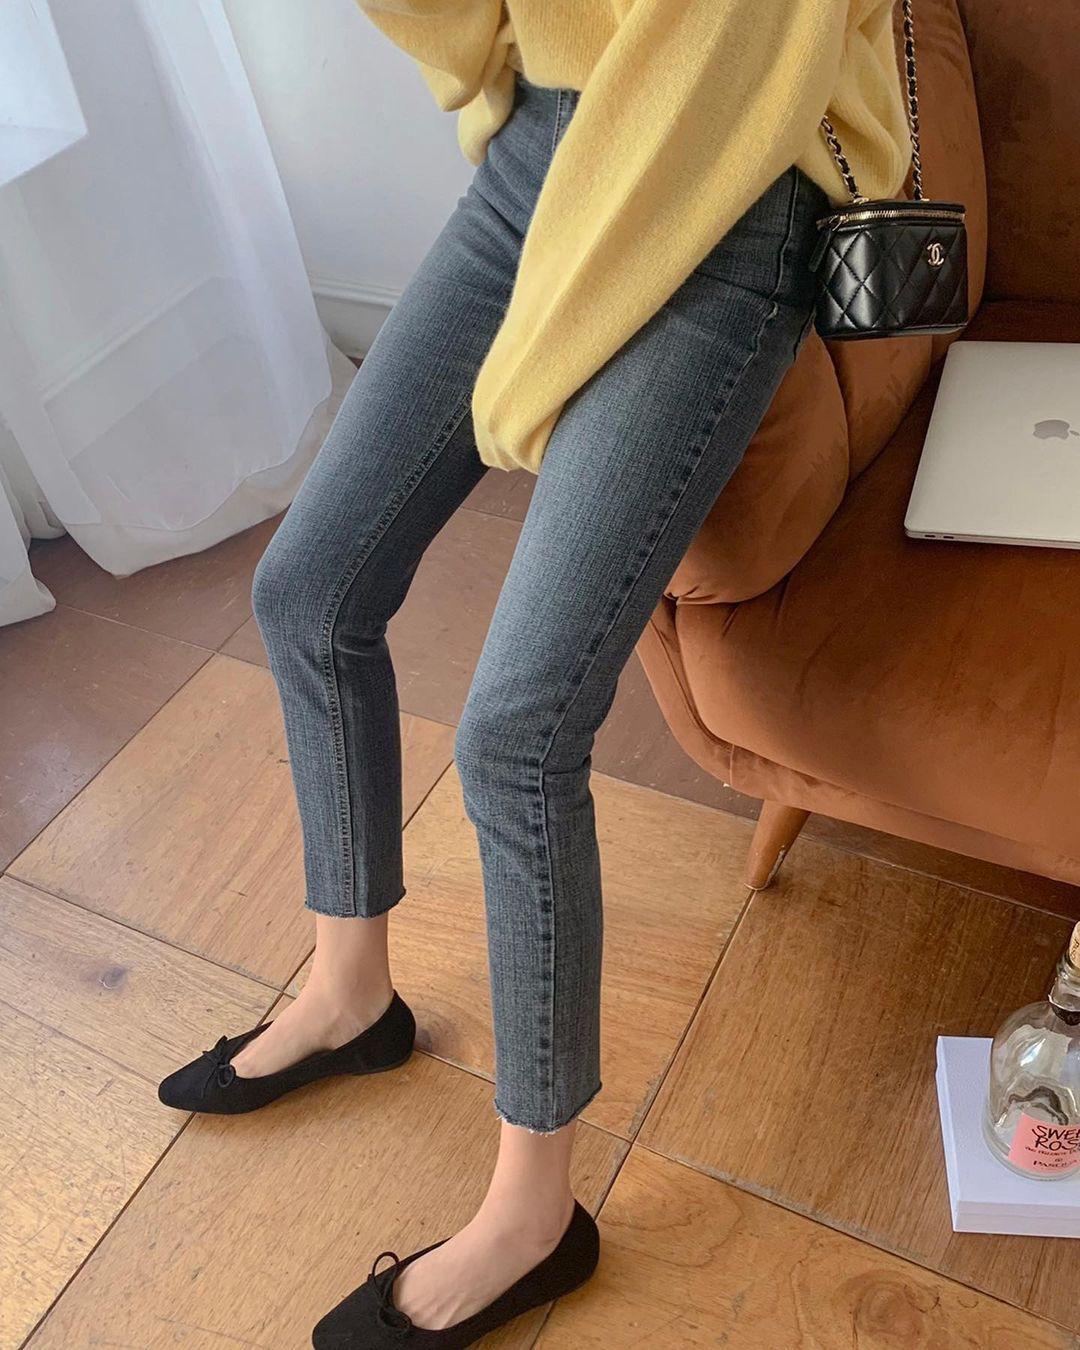 Kiểu giày búp bê hot nhất mùa Xuân: Diện với quần jeans hay váy đều xịn đẹp Ảnh 4